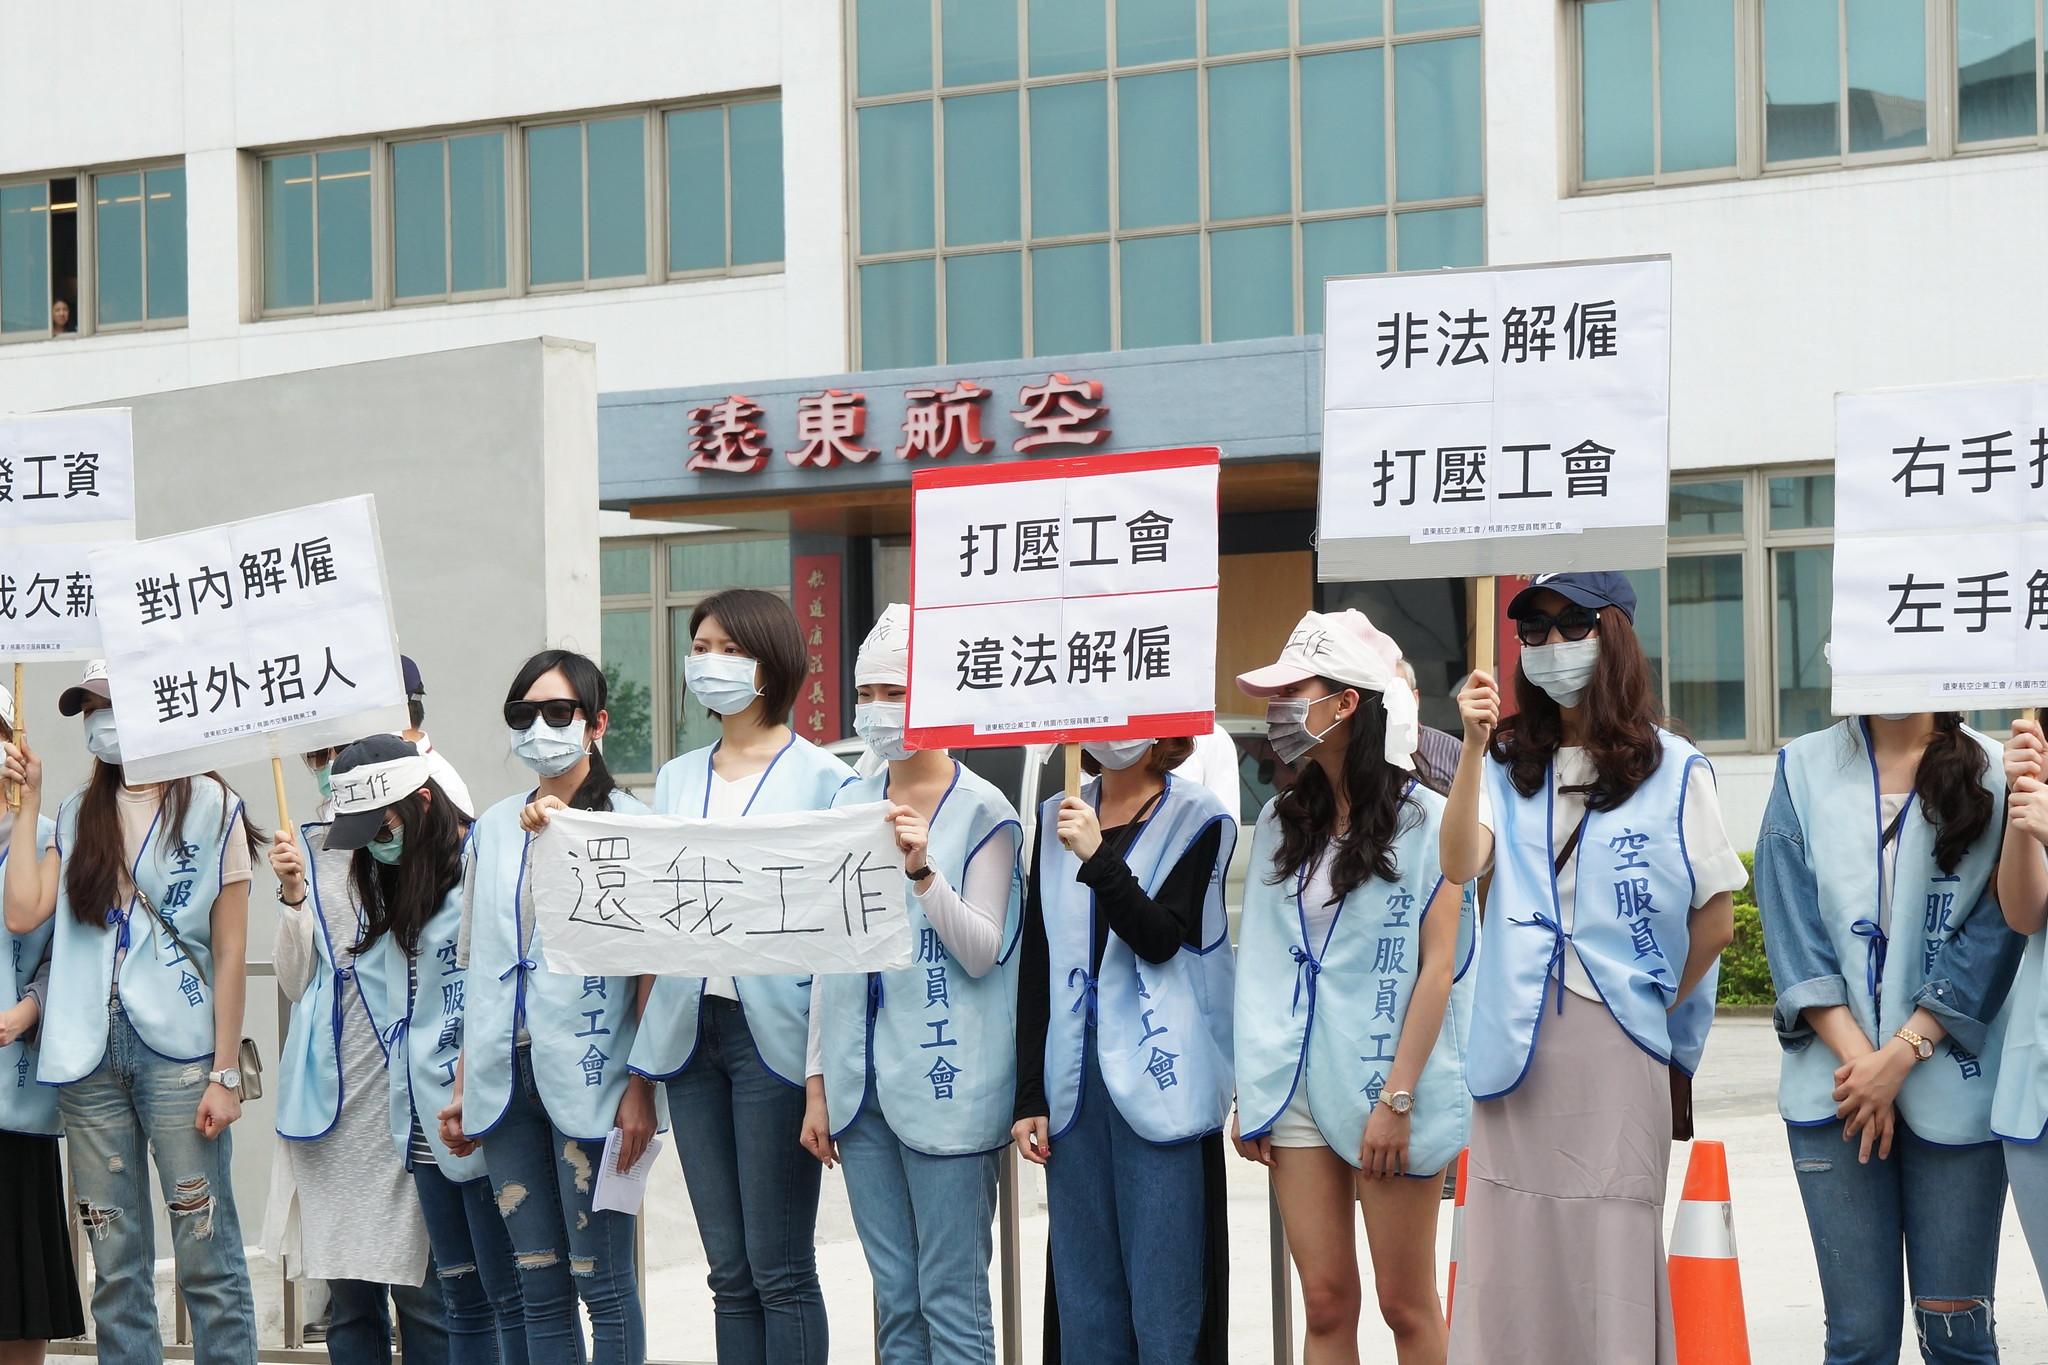 遠東航空工會下午在公司門口抗議。(攝影:王顥中)